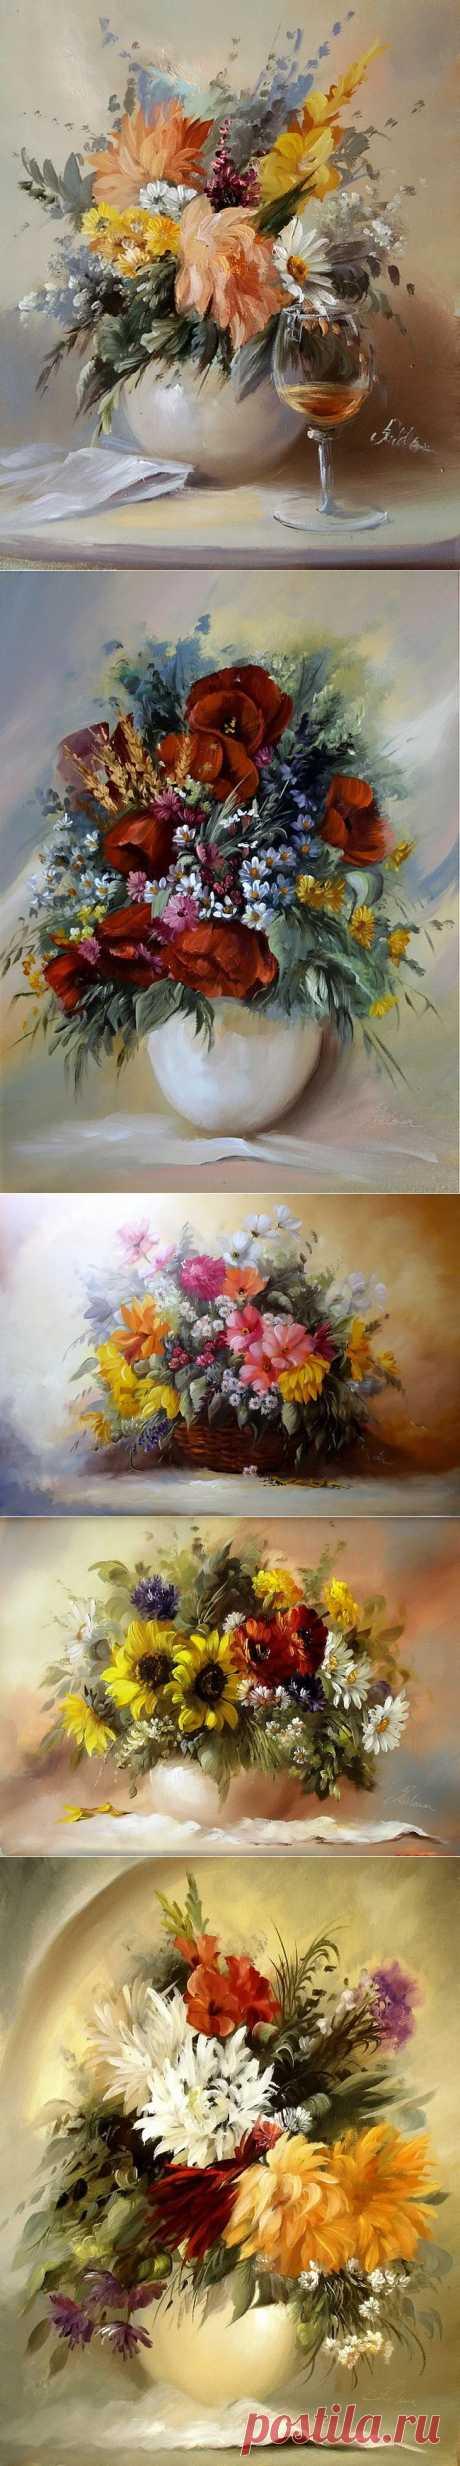 Цветы, цветы, цветы! В них столько красоты… Художник Szechenyi Szidonia